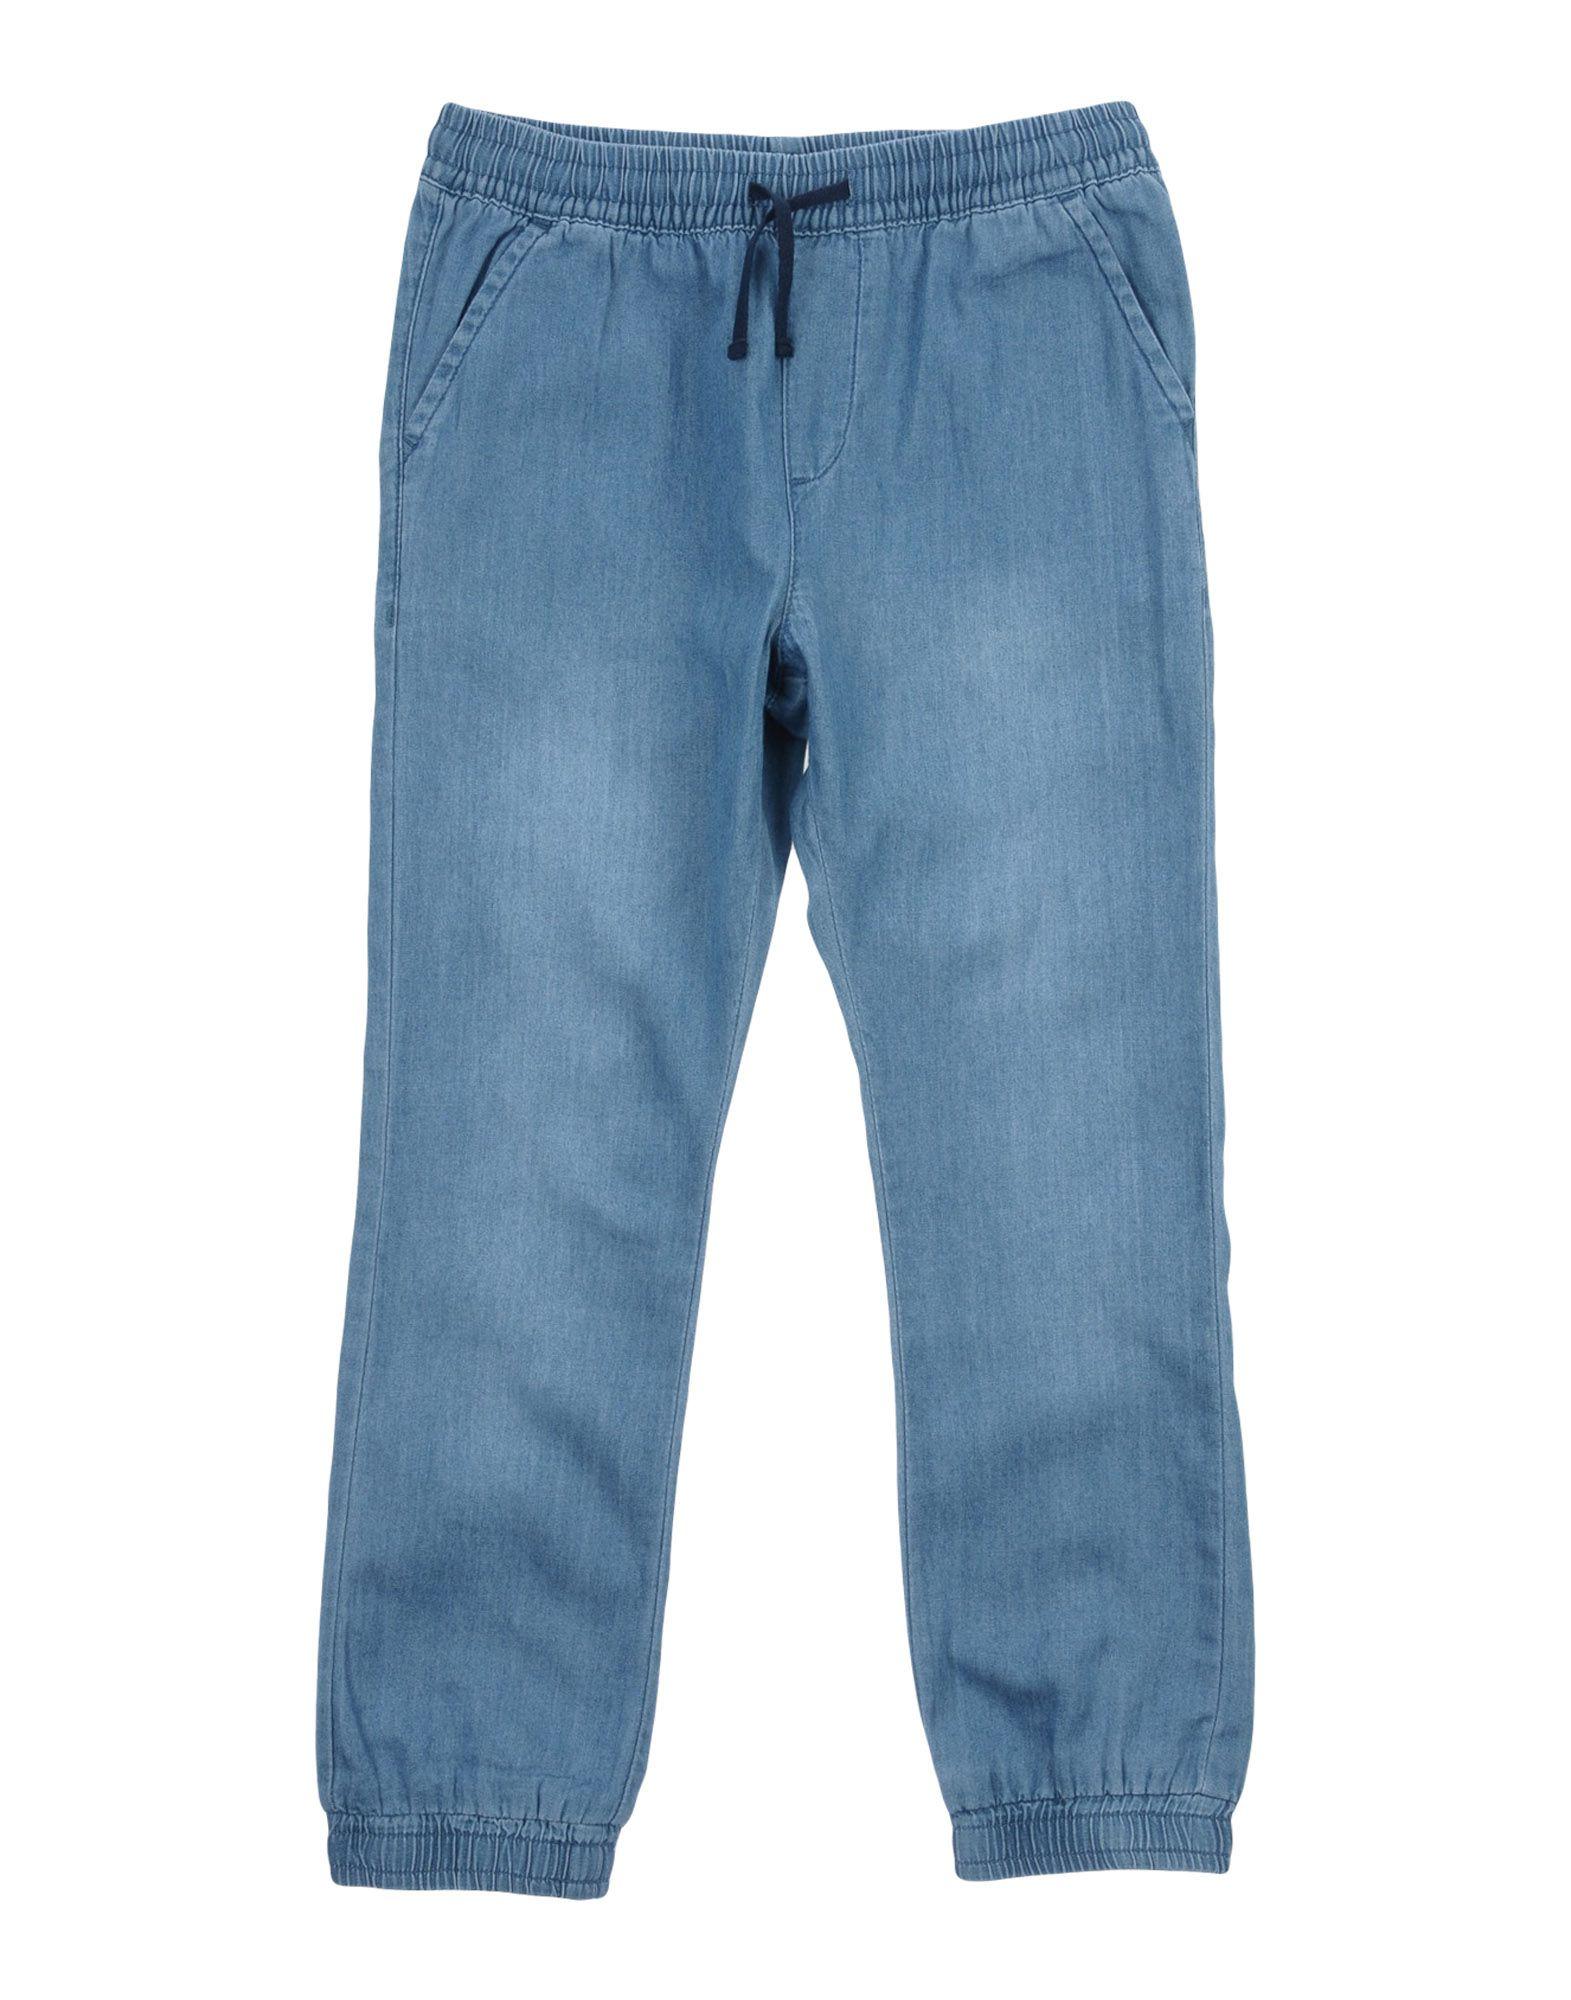 GUESS Джинсовые брюки брюки текстильные джинсовые для девочек 110 362110 синий деним ean 4690244732001